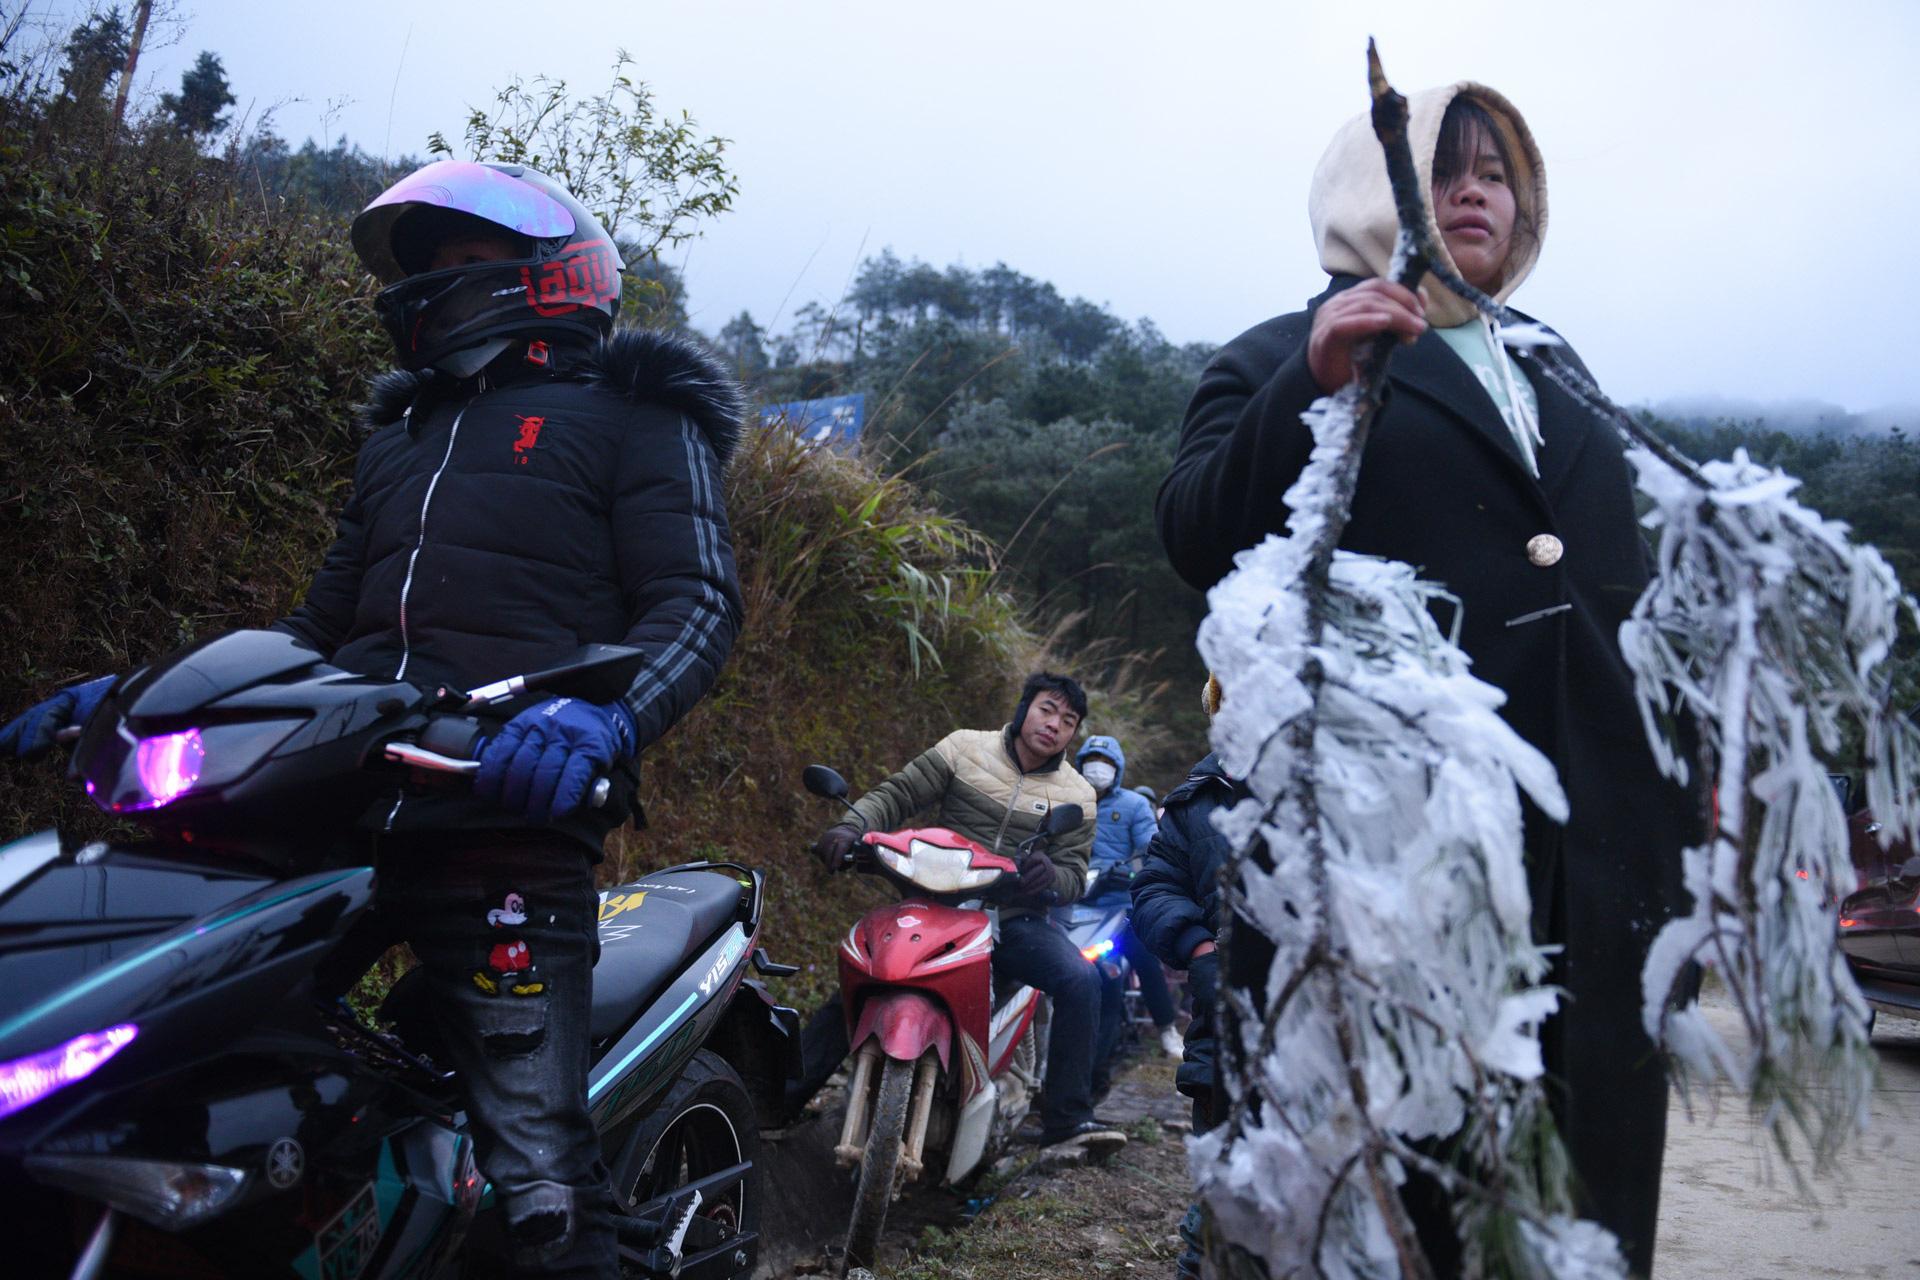 ẢNH: Nhiều người lên đỉnh Mẫu Sơn xem băng tuyết gây ùn tắc giao thông - Ảnh 5.